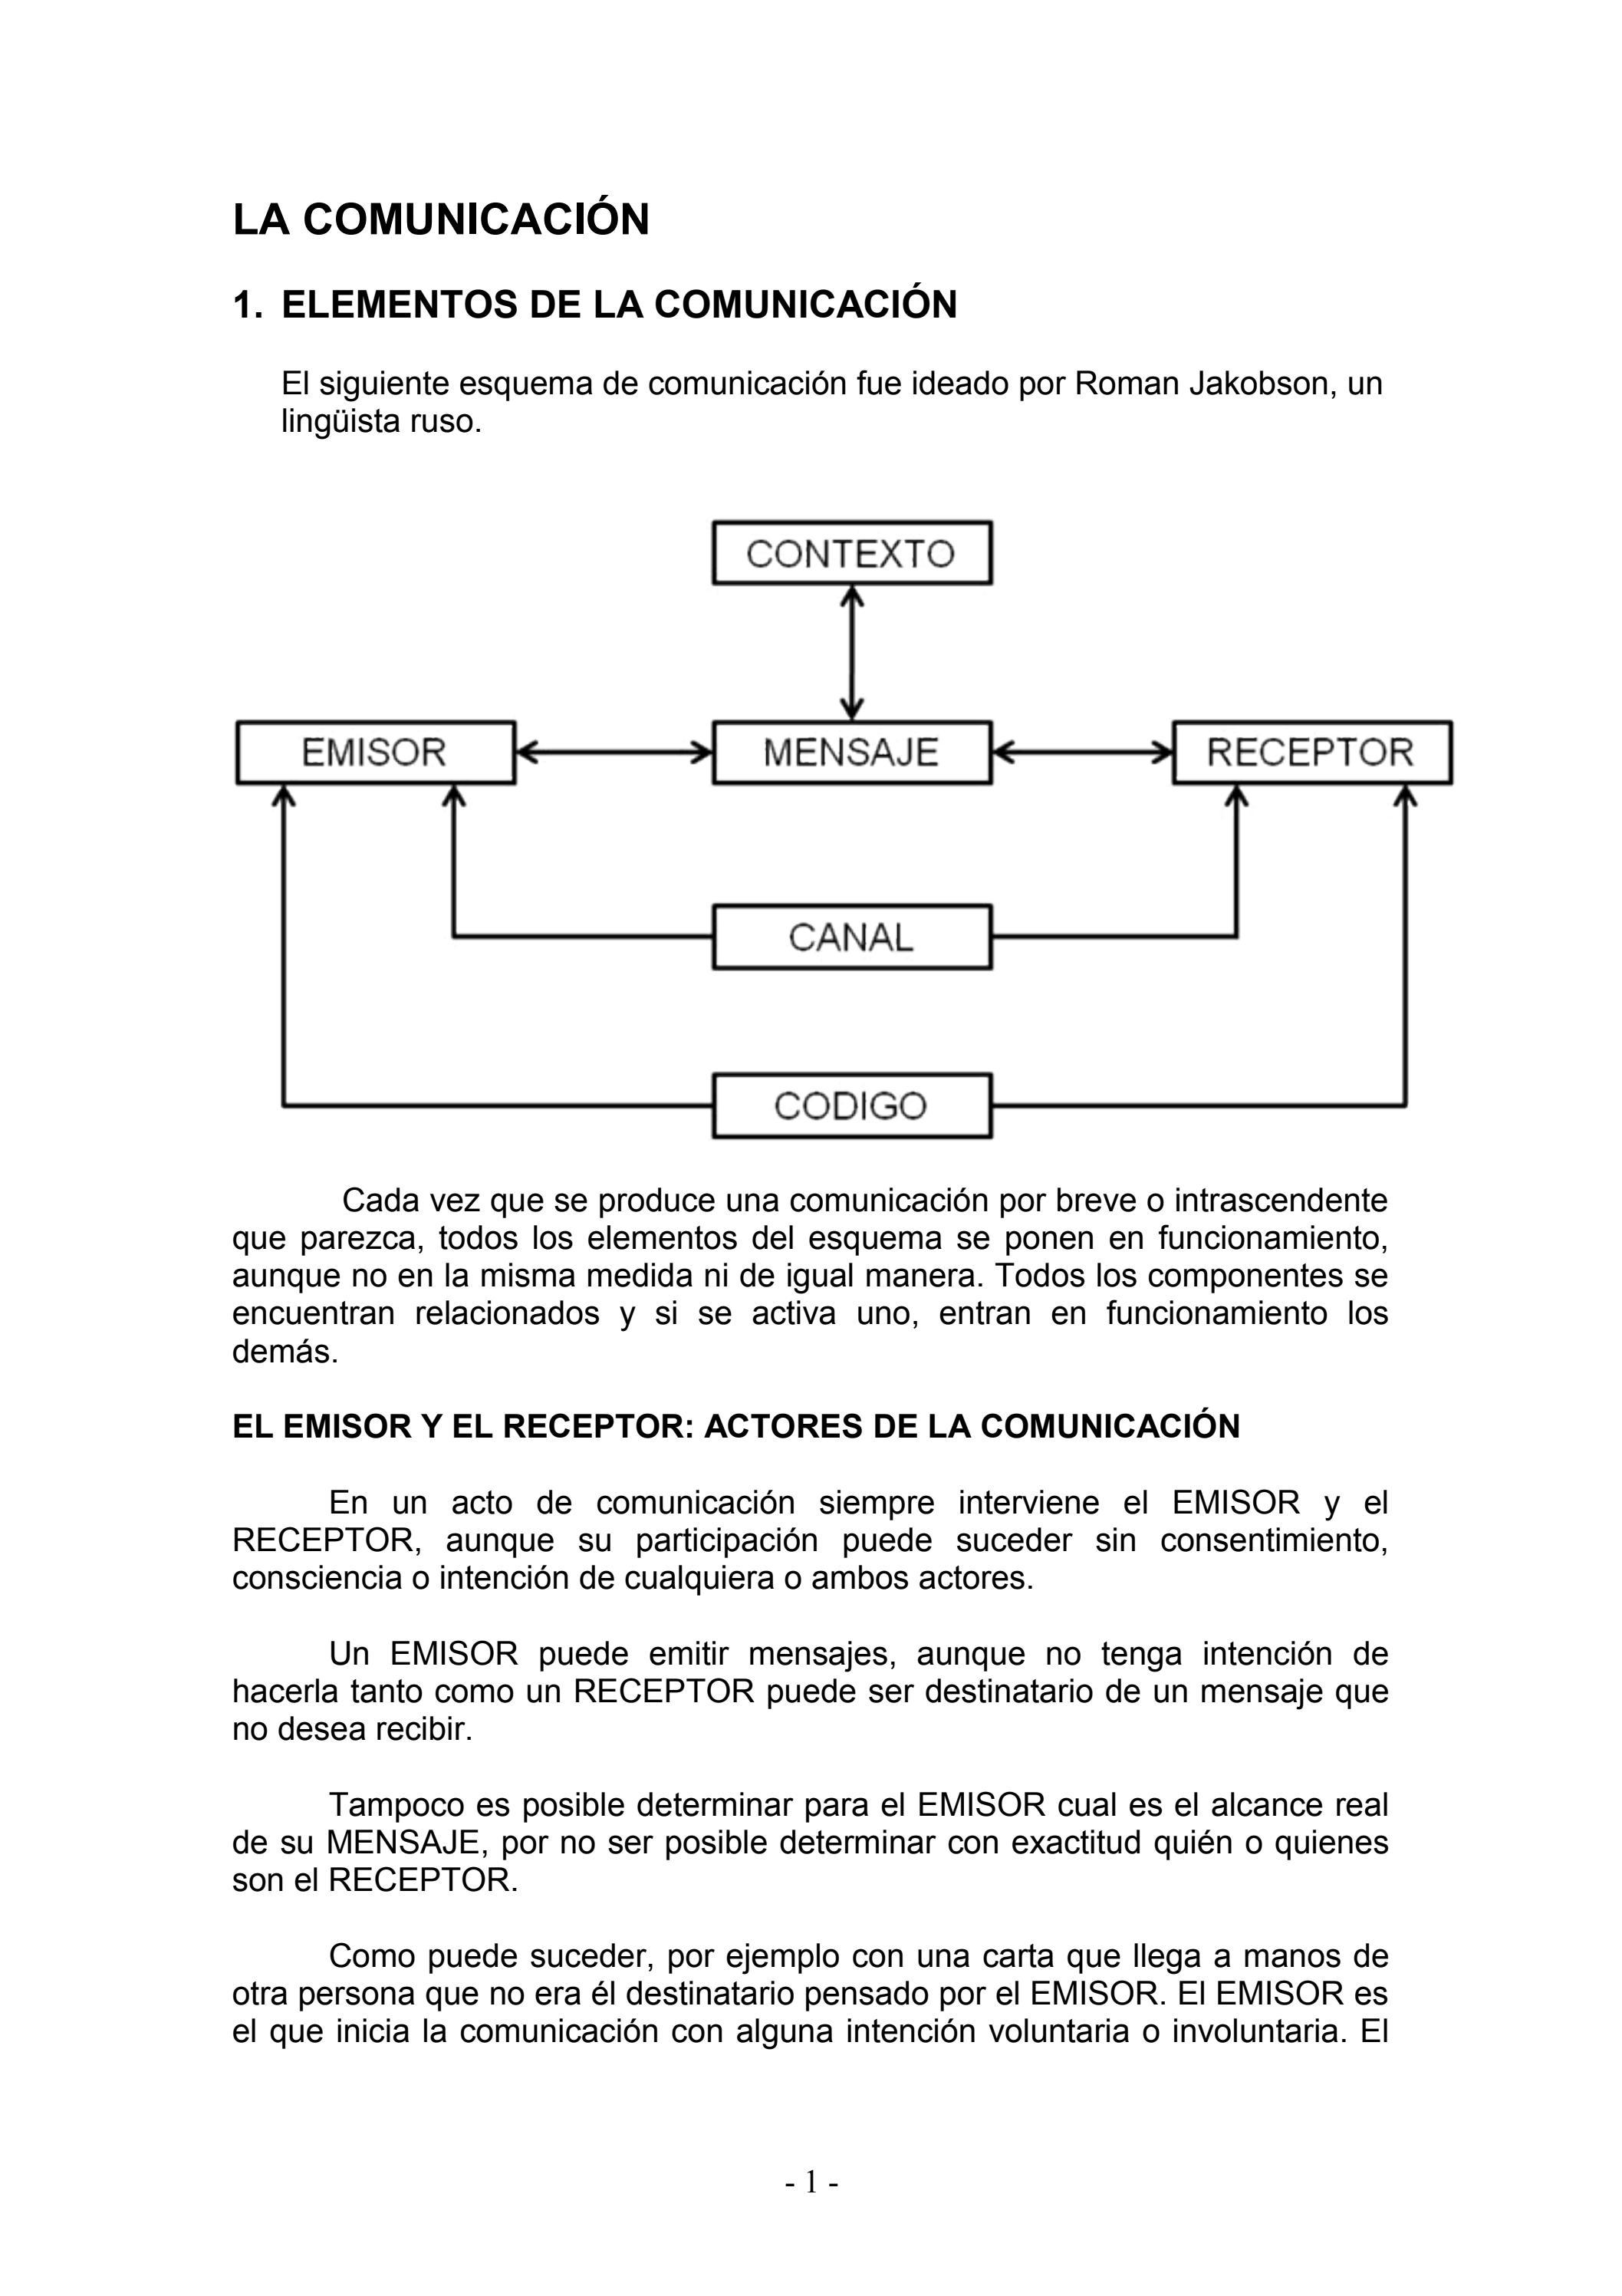 La Comunicación By Norberto Fernandez Issuu